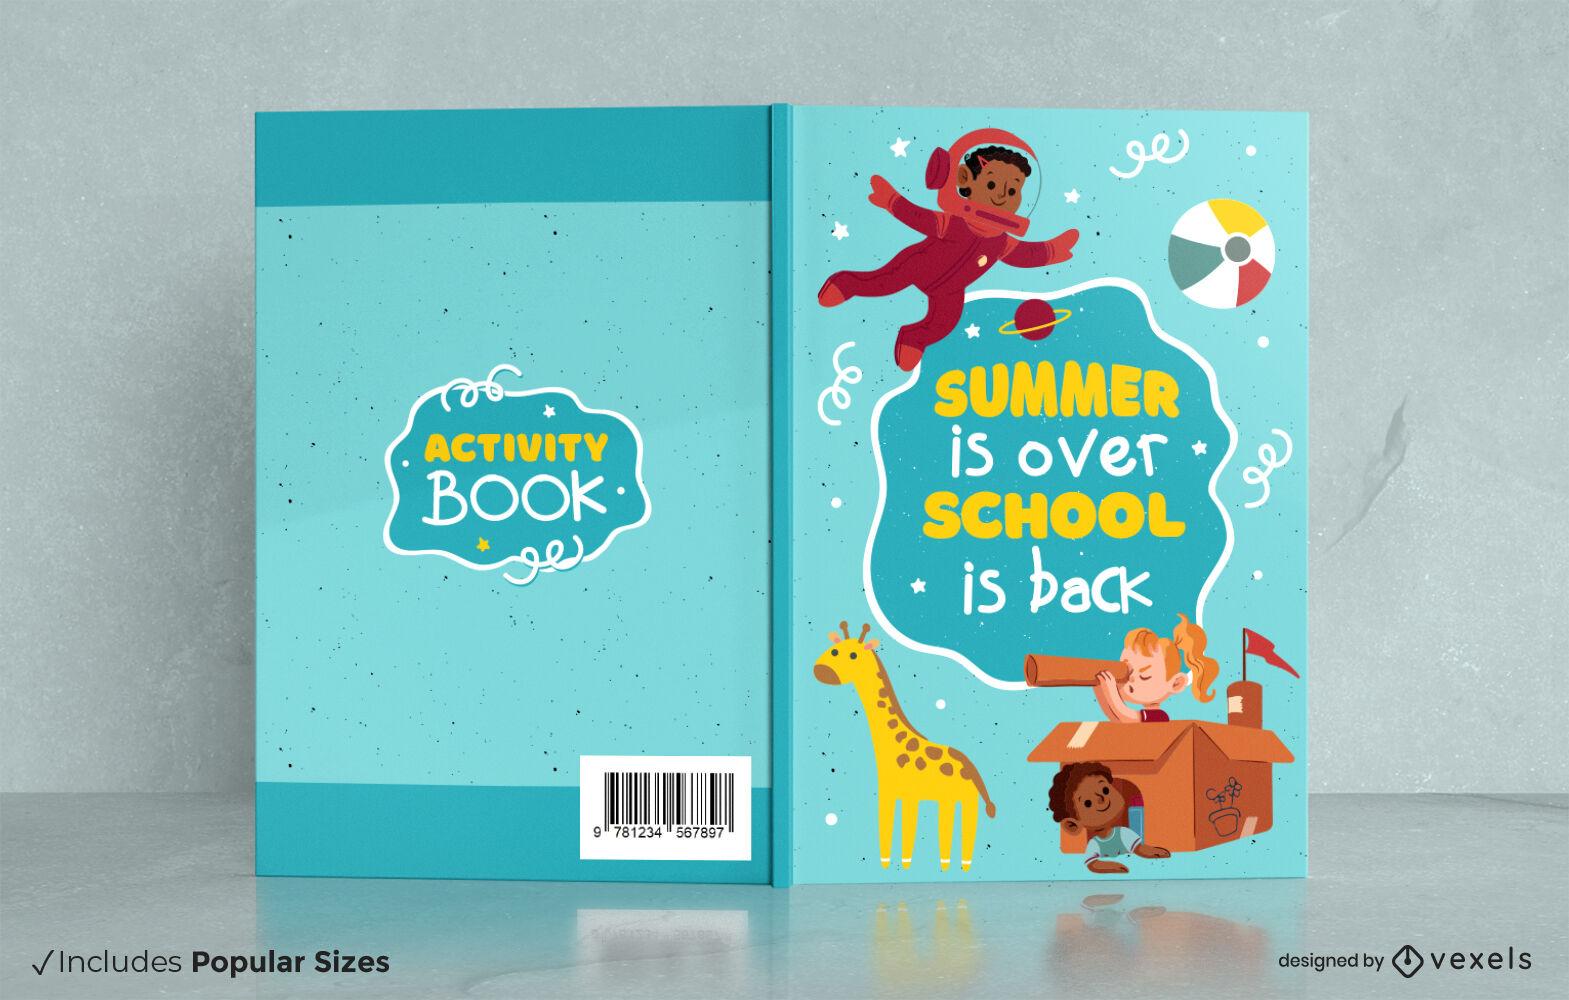 Diseño de portada de libro de actividades educativas para niños.